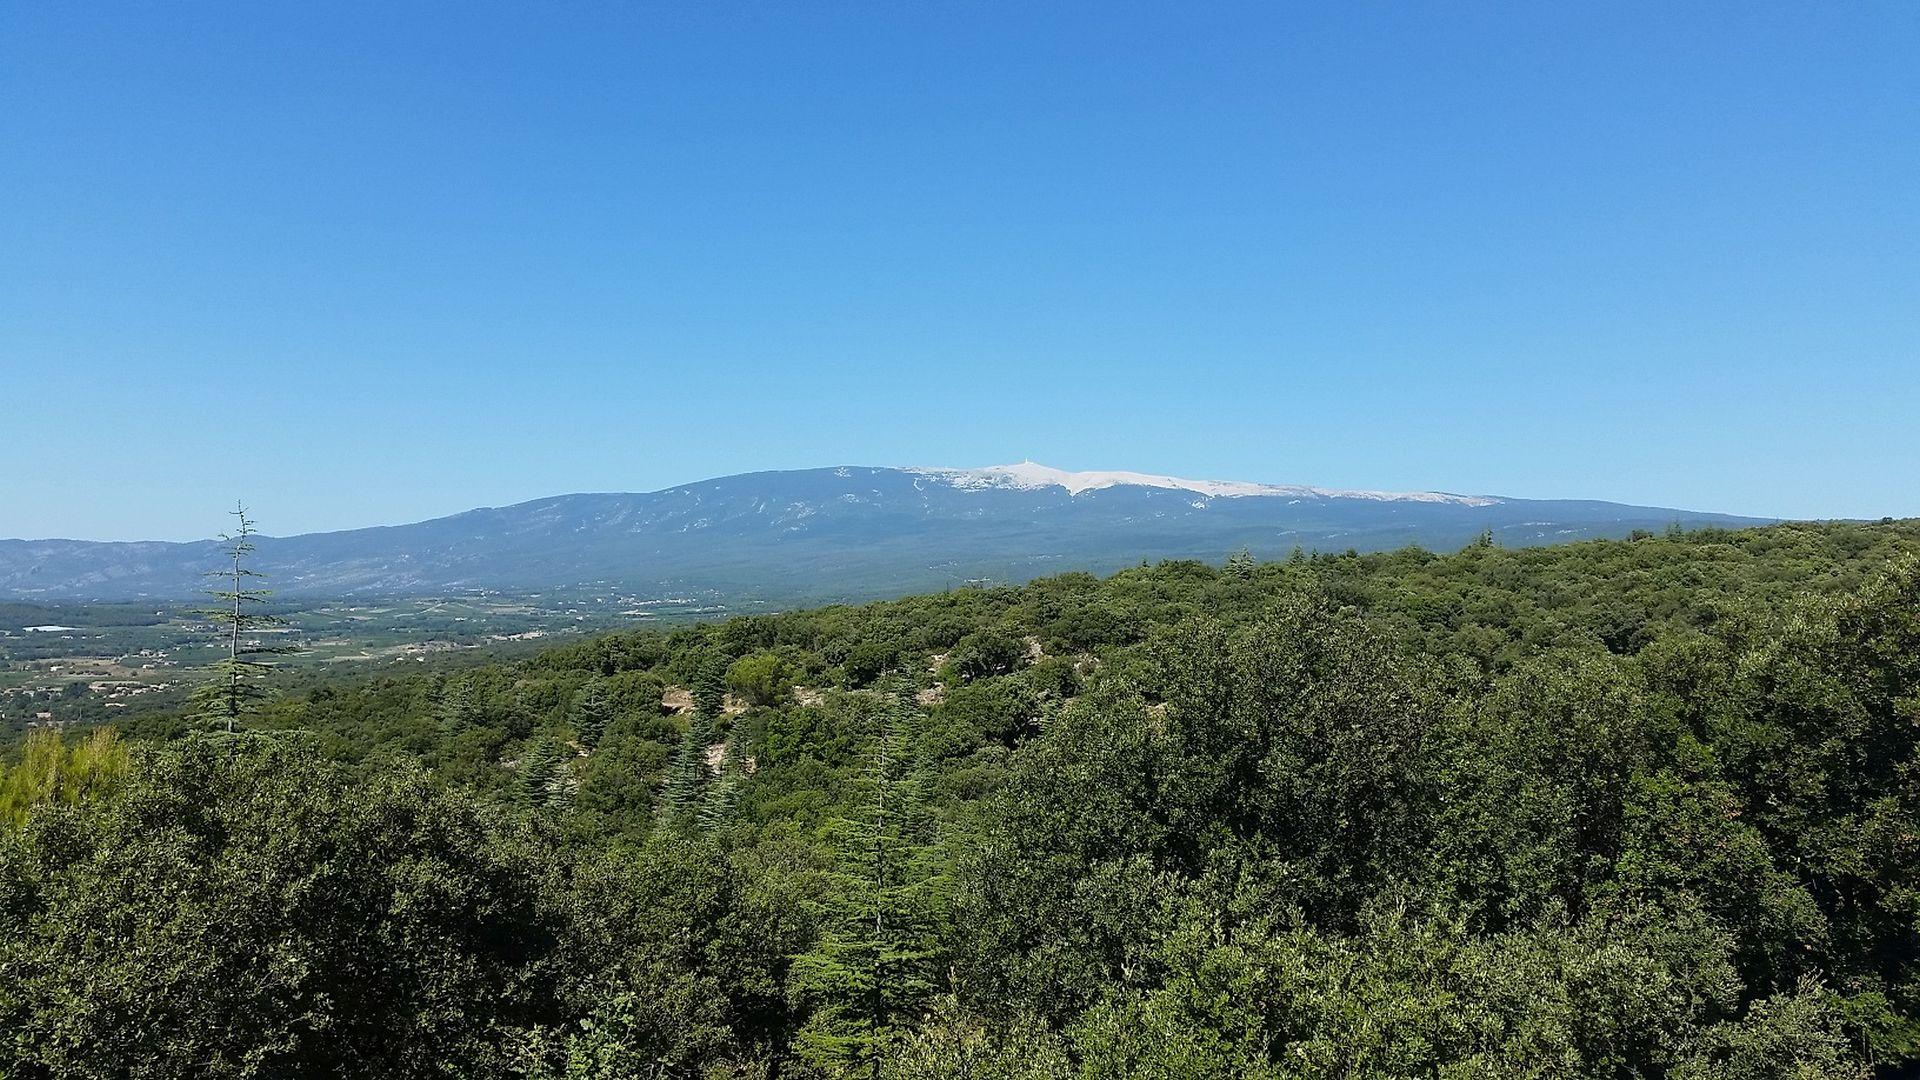 Pamiętniki z wakacji: Monte Ventoux